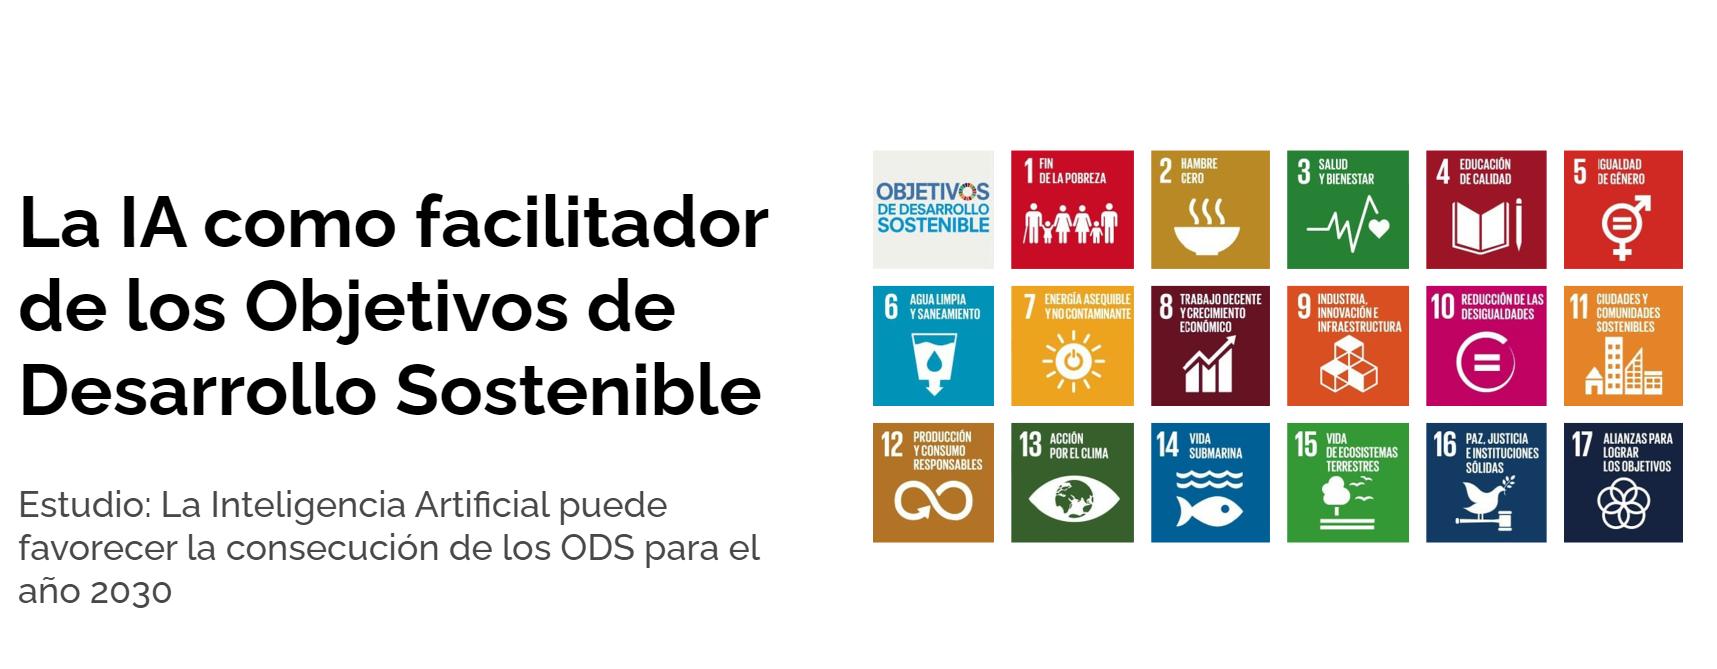 Inteligencia Artificial y la consecución de los 17 Objetivos de Desarrollo Sostenible